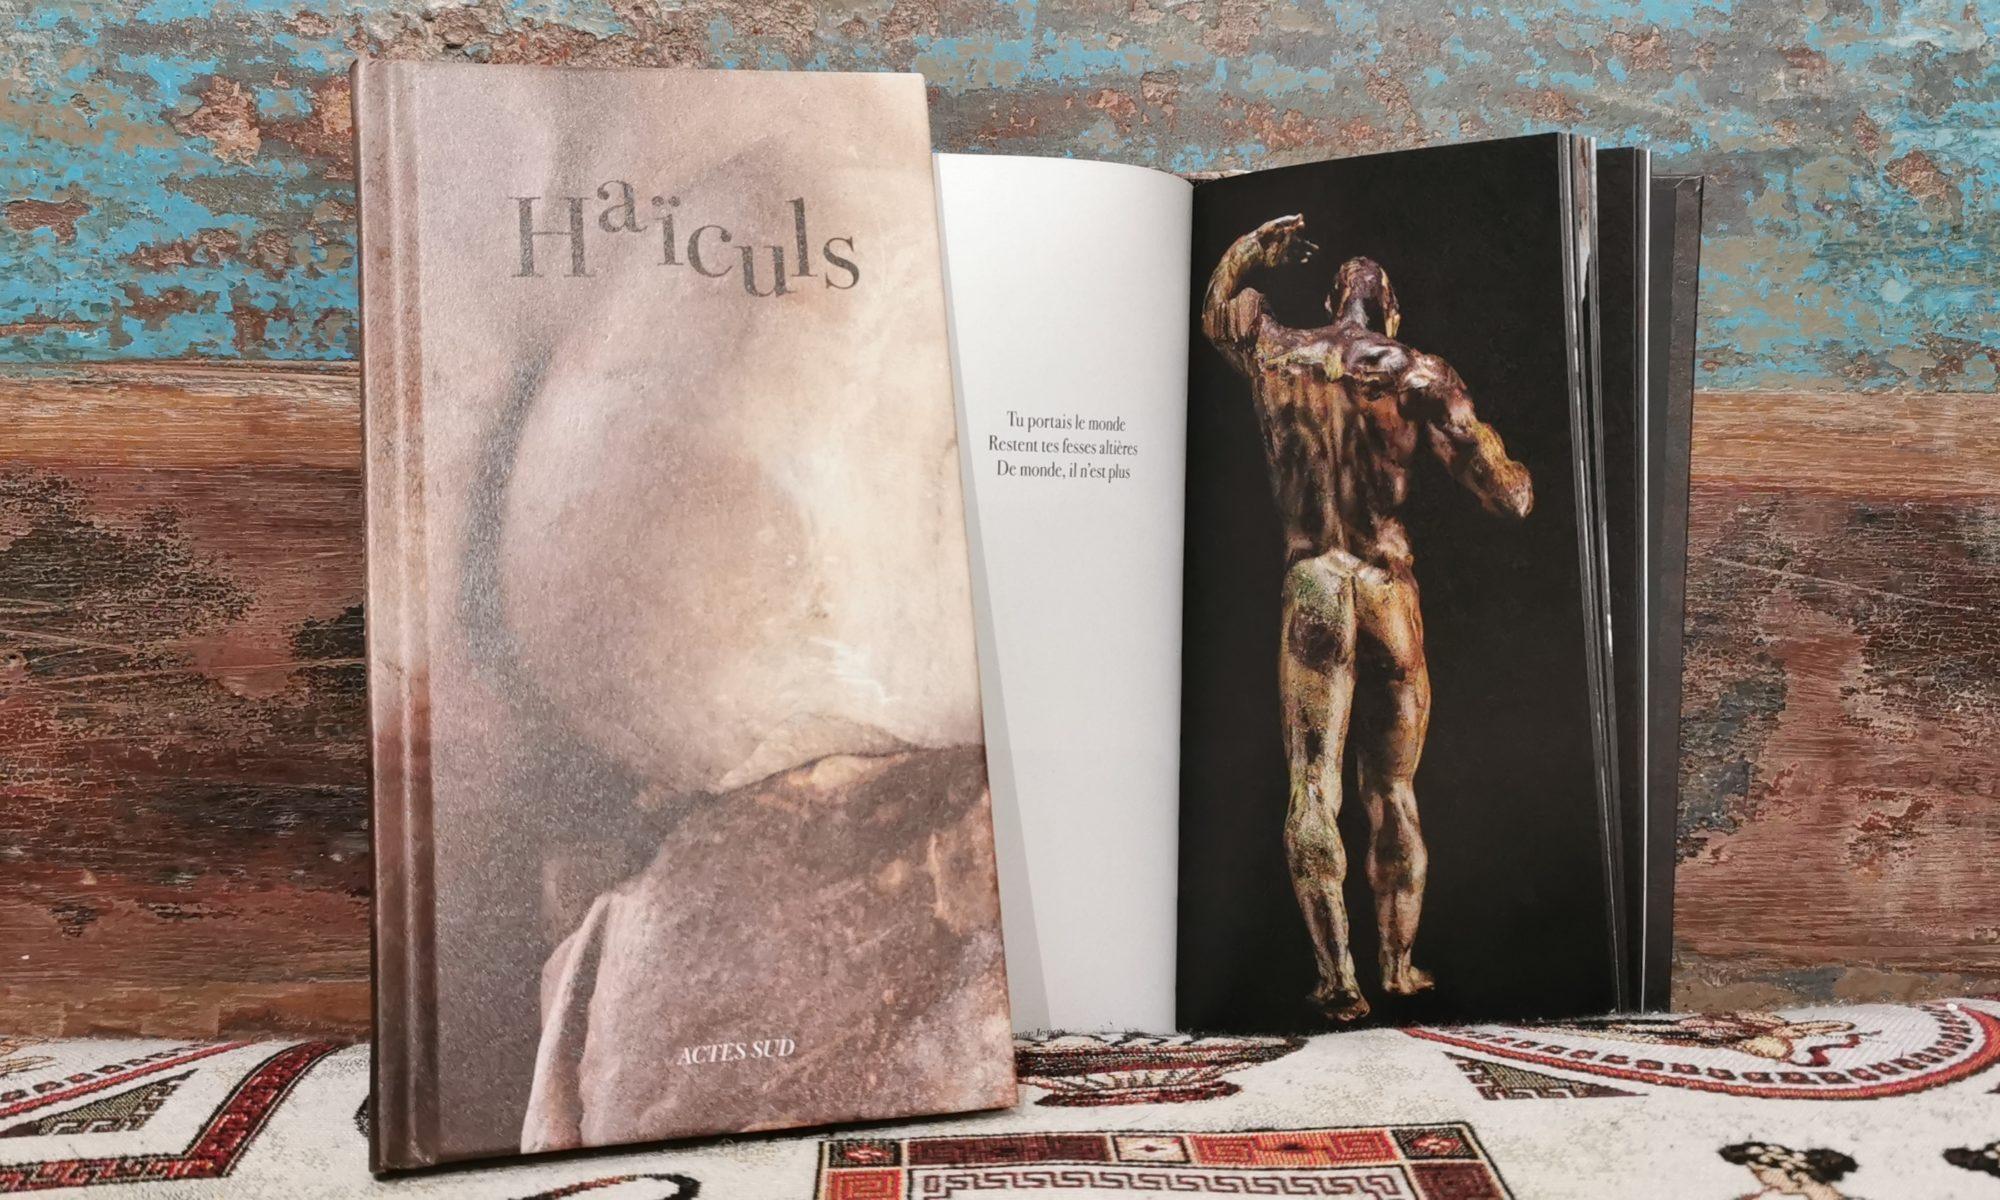 Haïculs lecture à Arles